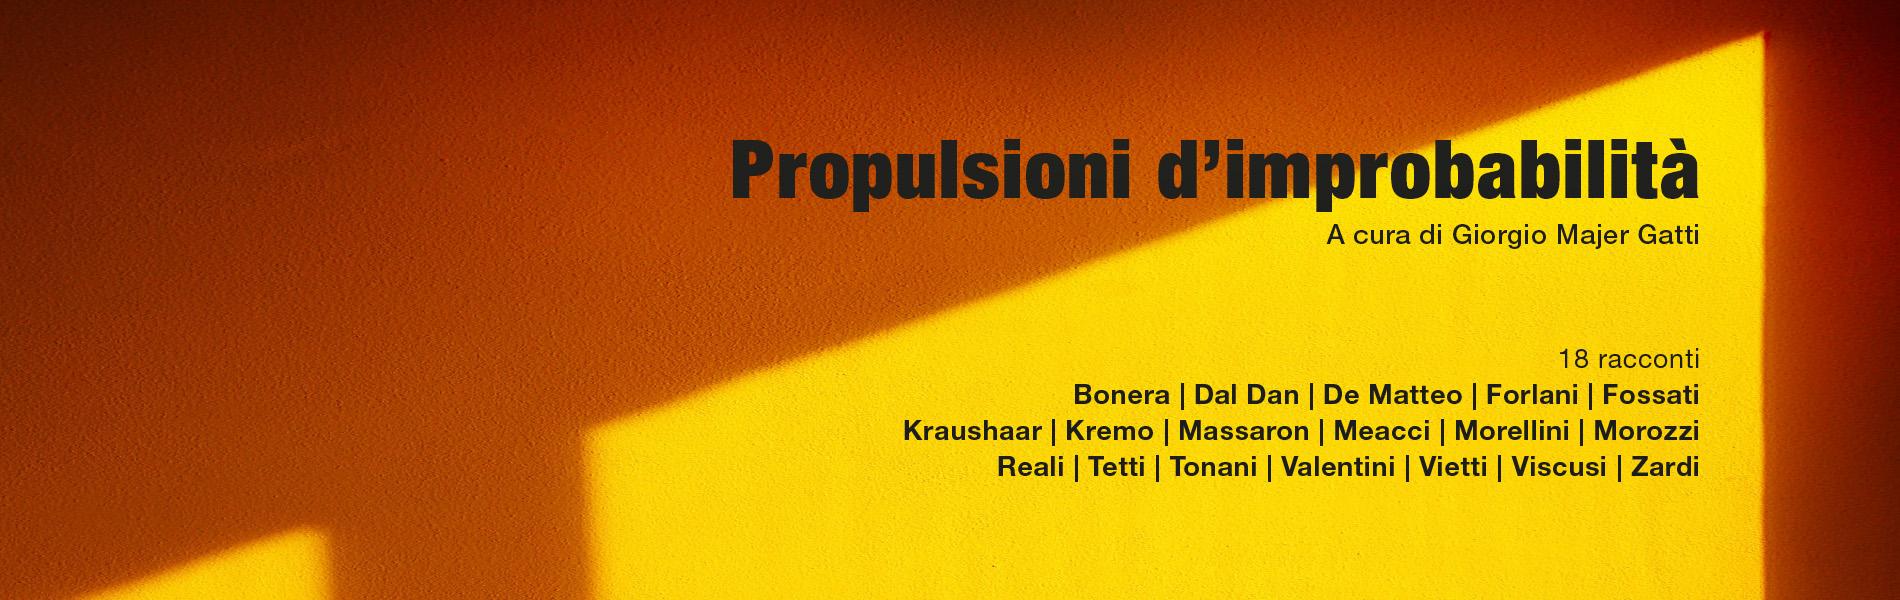 Propulsioni d'improbabilità, a cura di Giorgio Majer Gatti